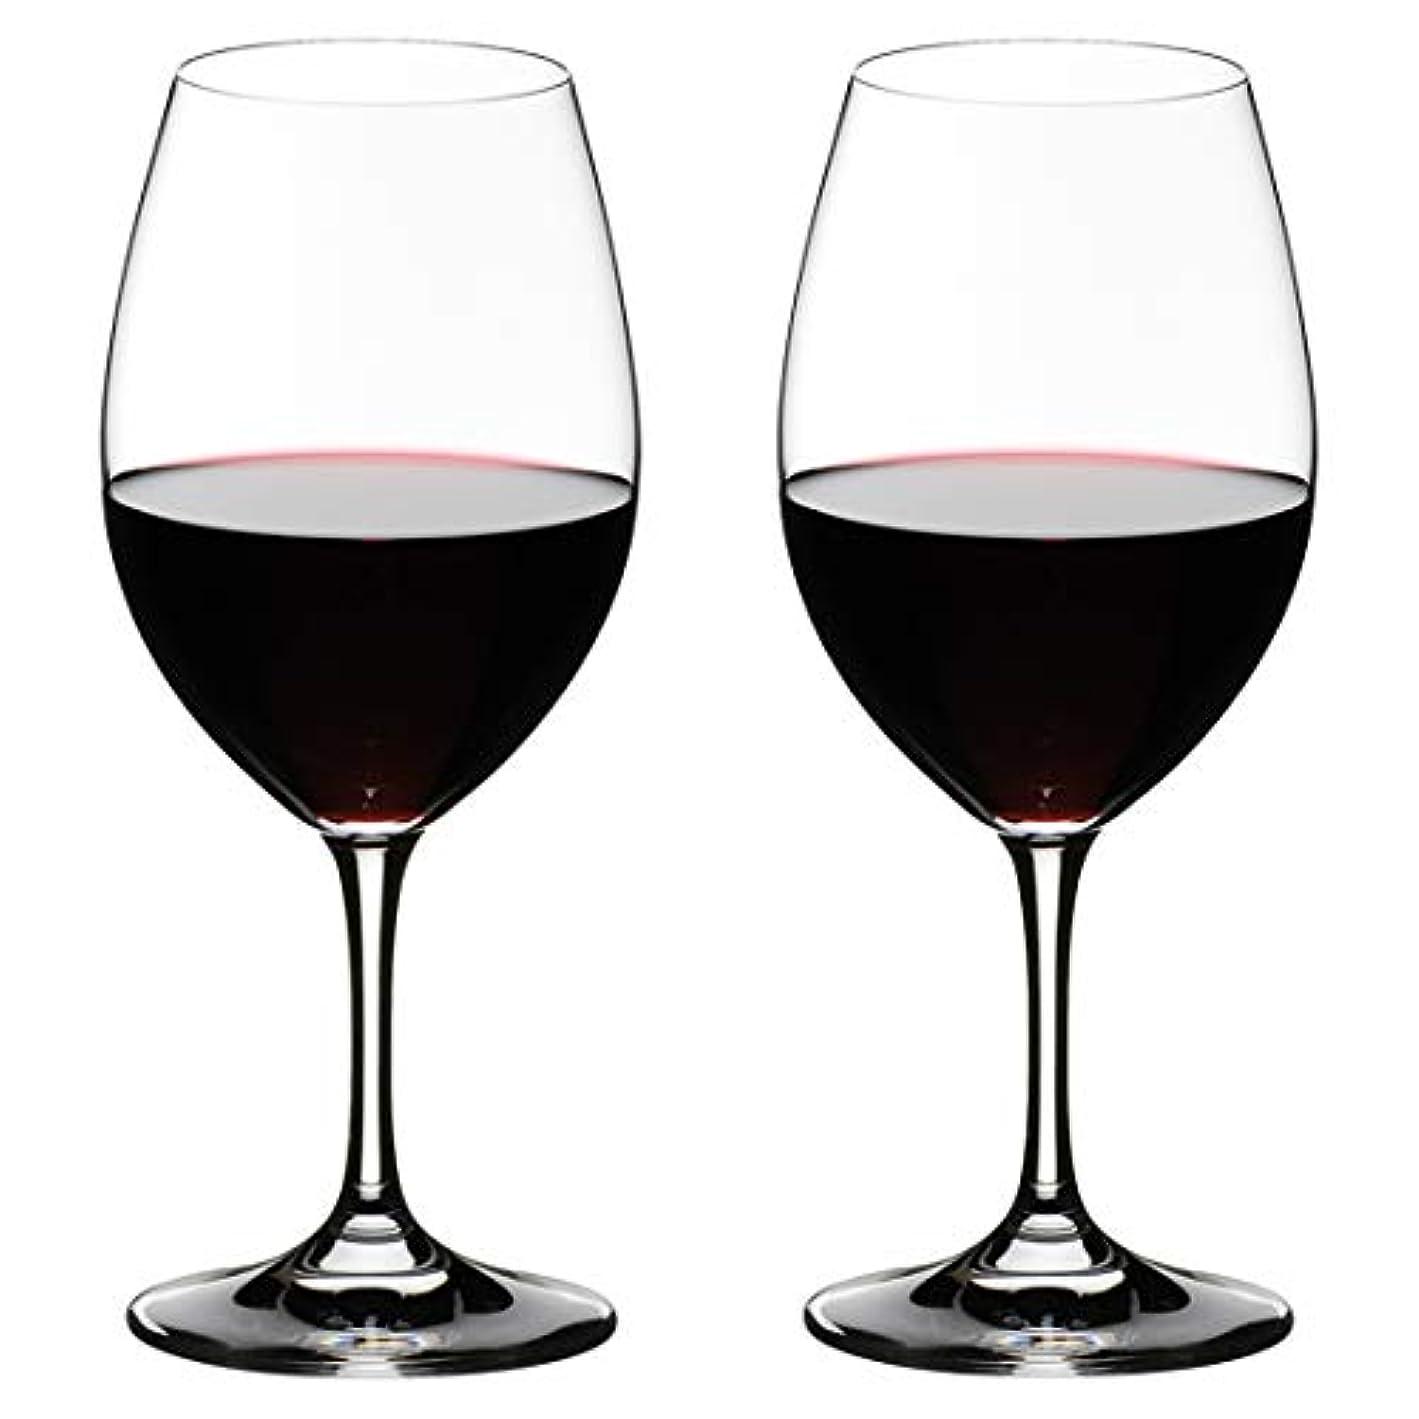 オデュッセウスなぞらえる牛肉[正規品] RIEDEL リーデル 赤ワイン グラス ペアセット オヴァチュア レッドワイン 350ml 6408/00